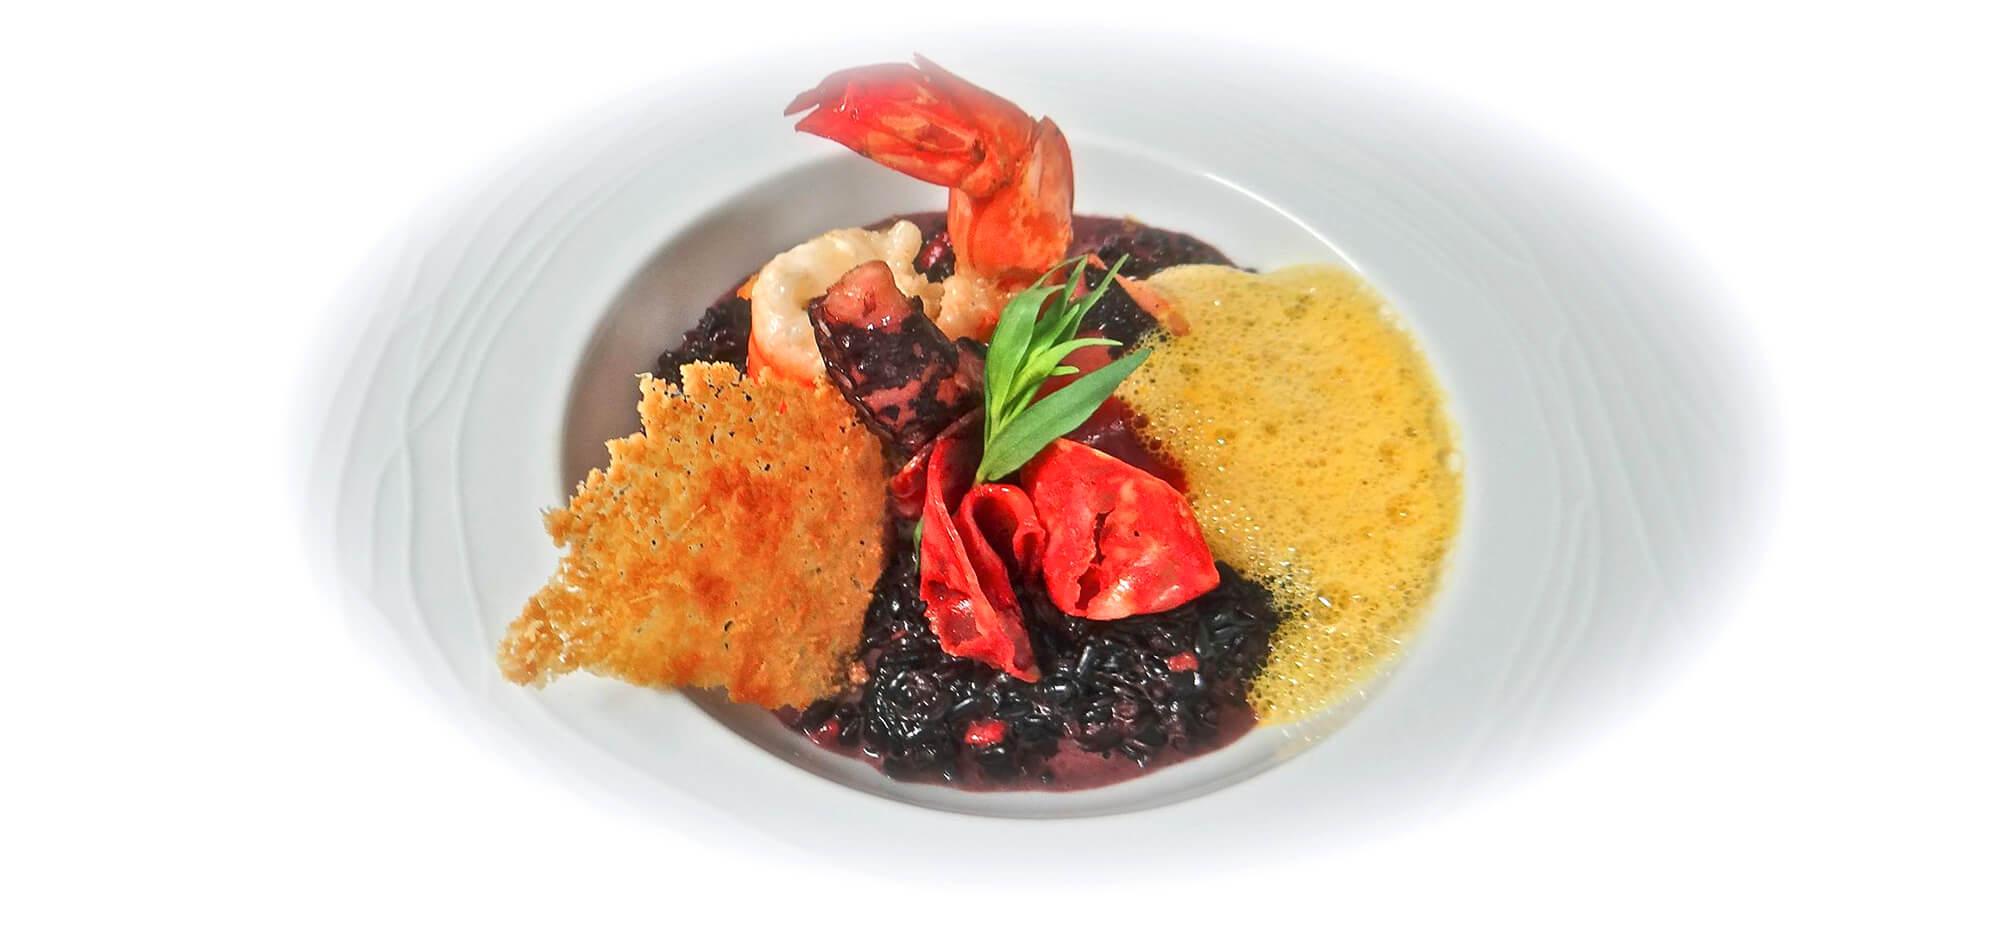 cuisine-boccafine-3